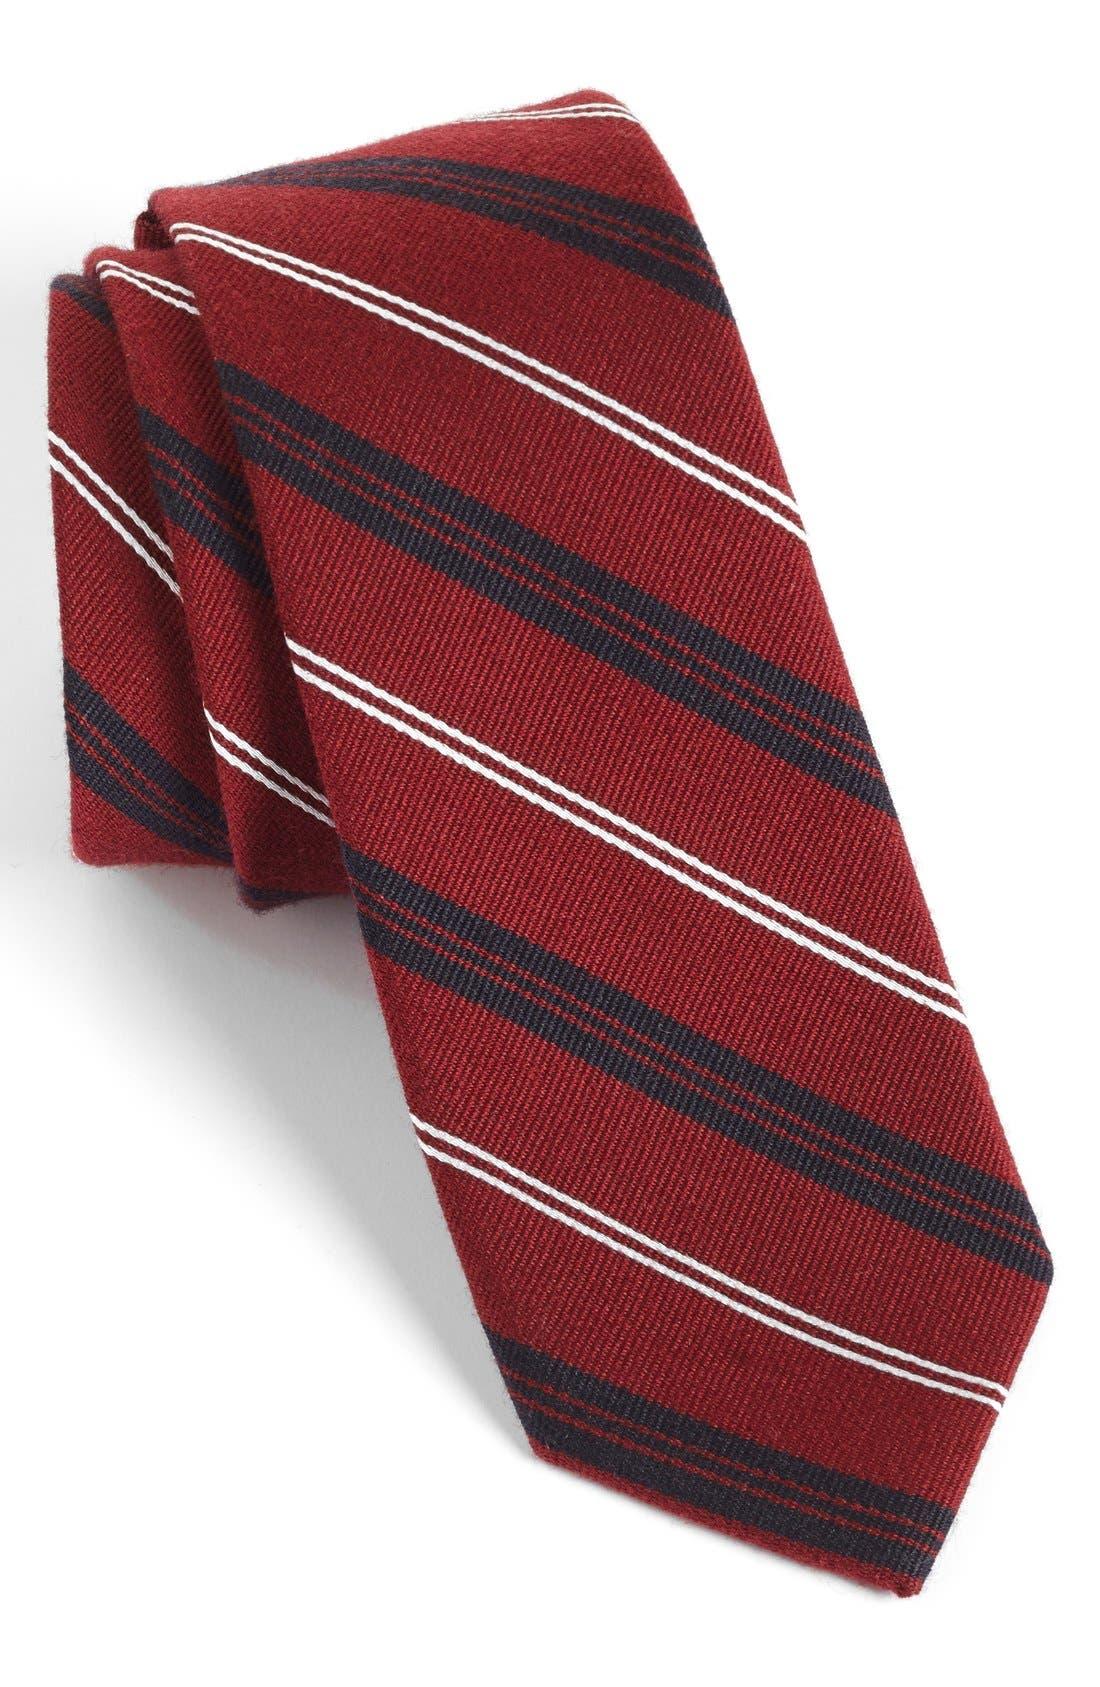 Main Image - 1901 'Browne' Woven Wool & Silk Tie